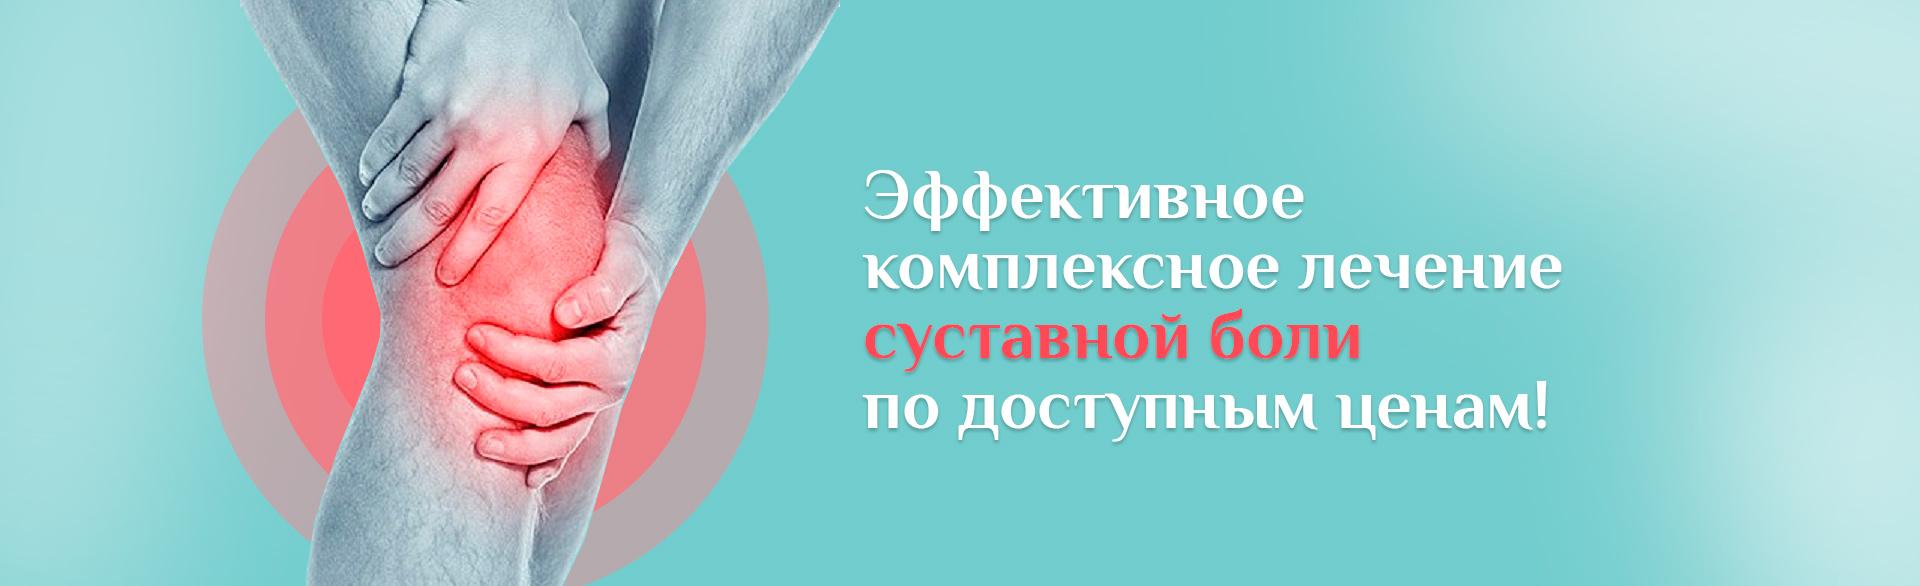 http://zdorovie-plus.com/services/zdorove-vsei-semi/travmatologiia-ortopediia/vnutrisustavnaia-inektsiia